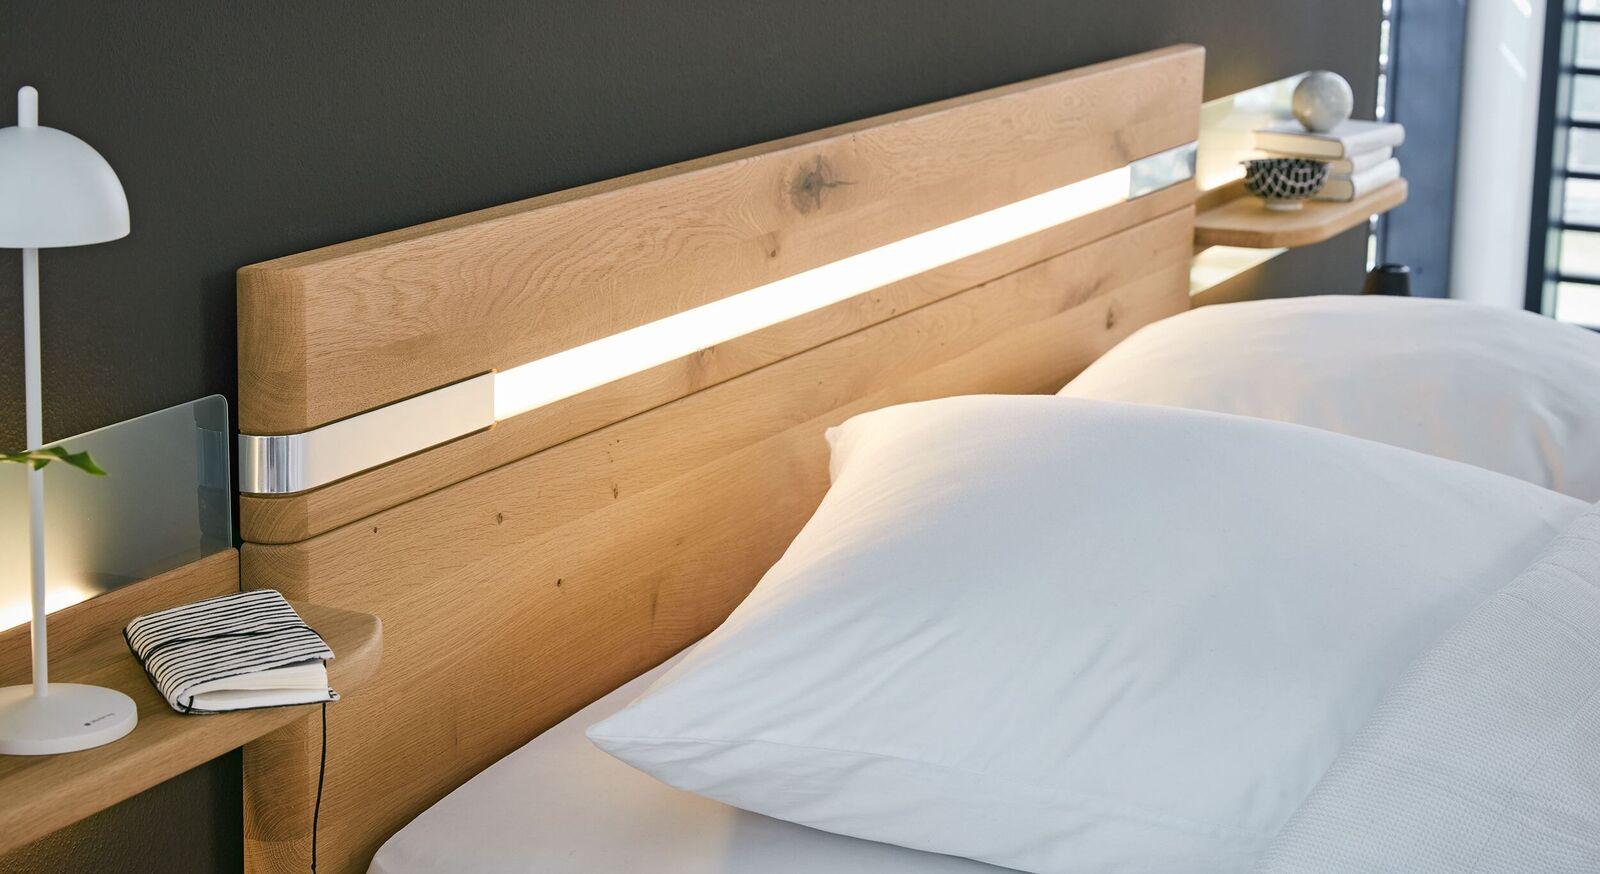 MUSTERRING Bett Savona 2.0 mit Kopfteil aus Massivholz